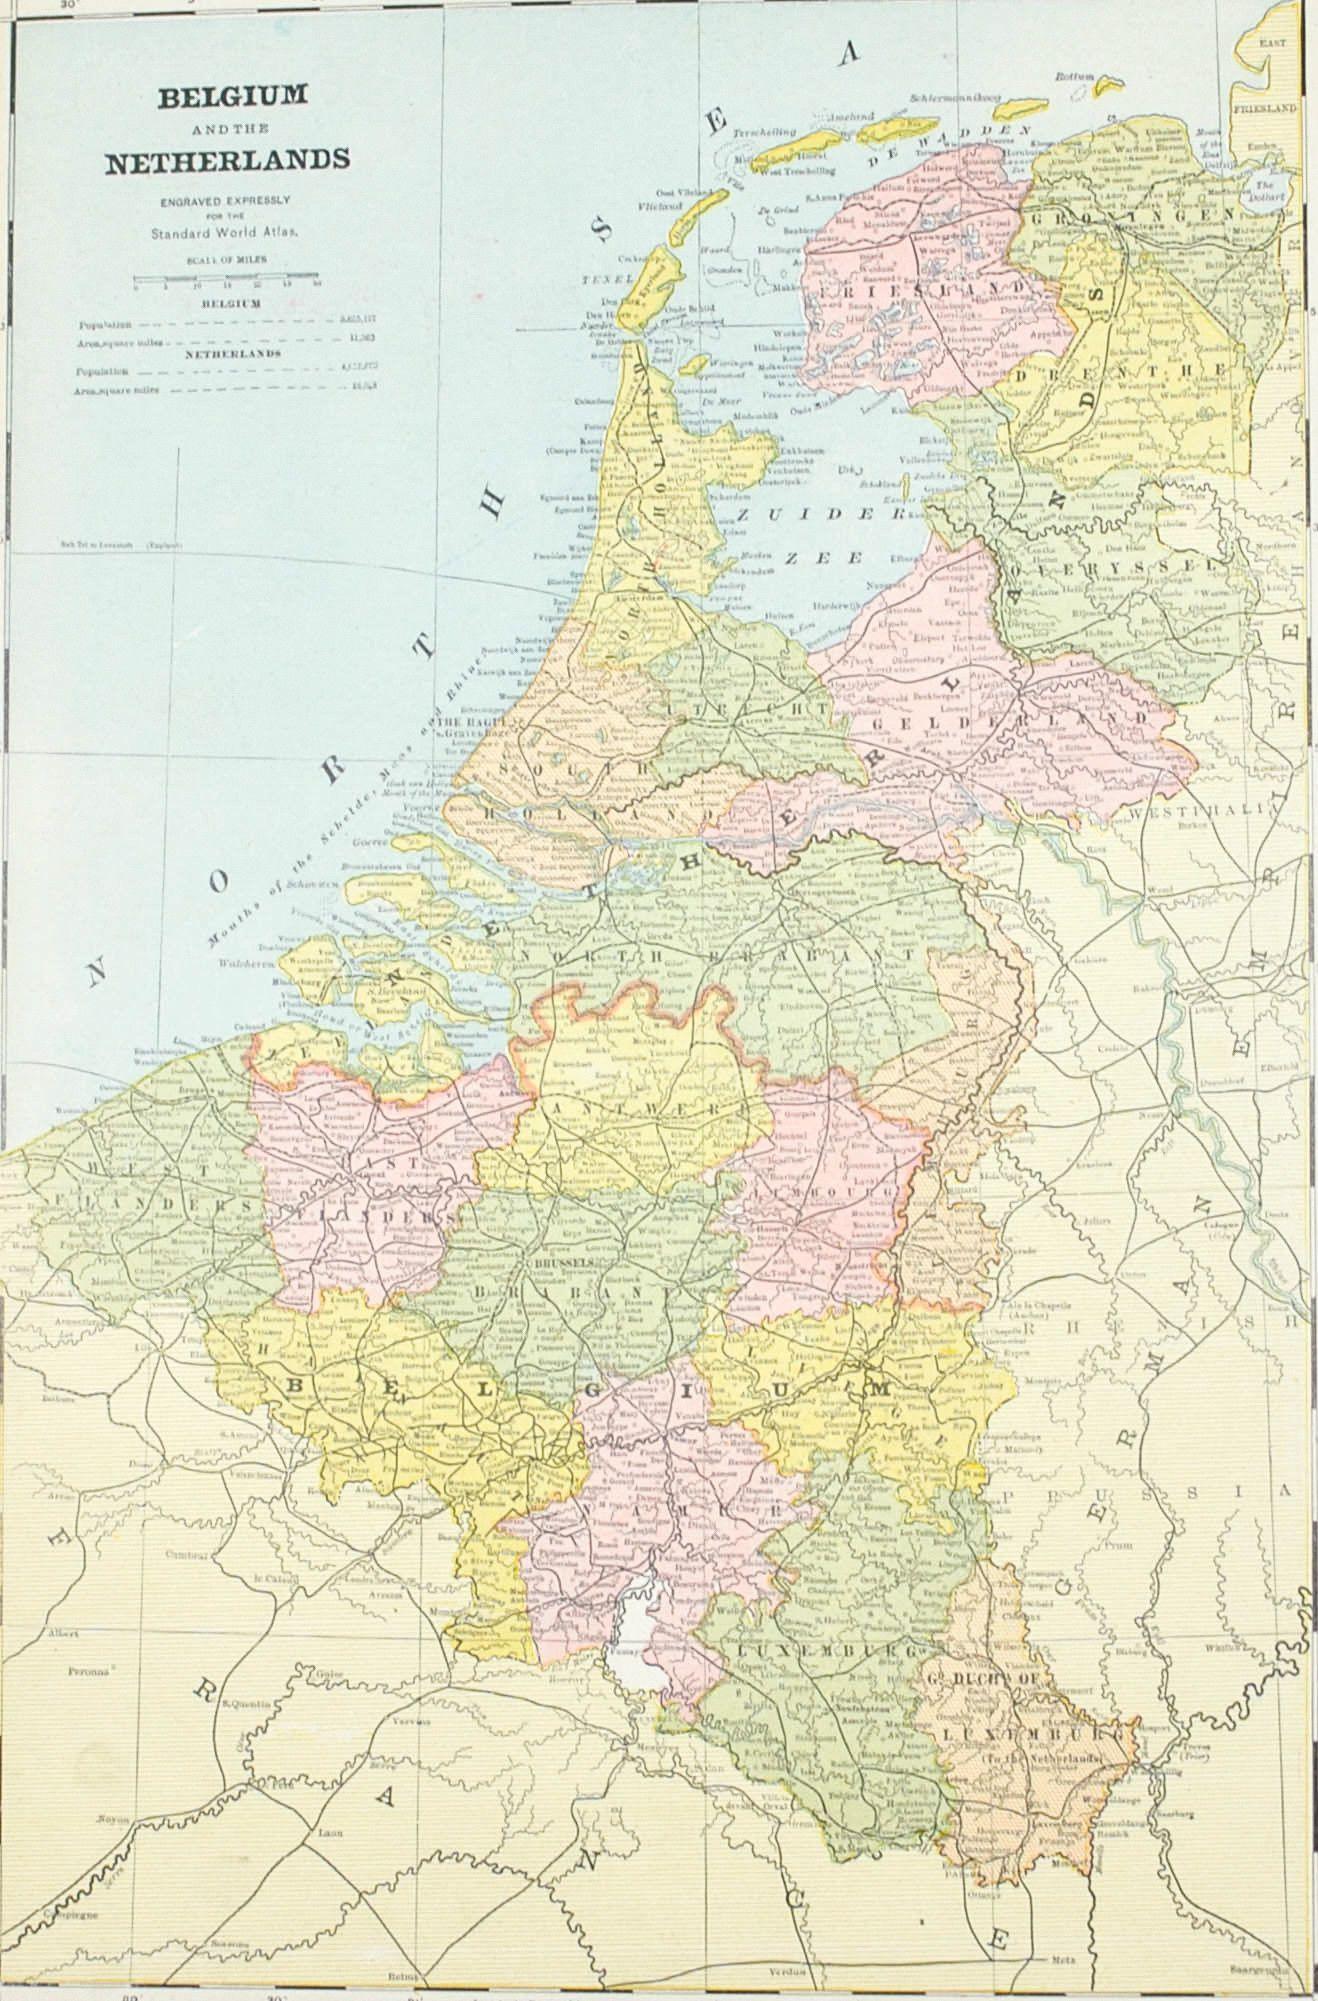 sweden norway belgium netherlands antique map 1887